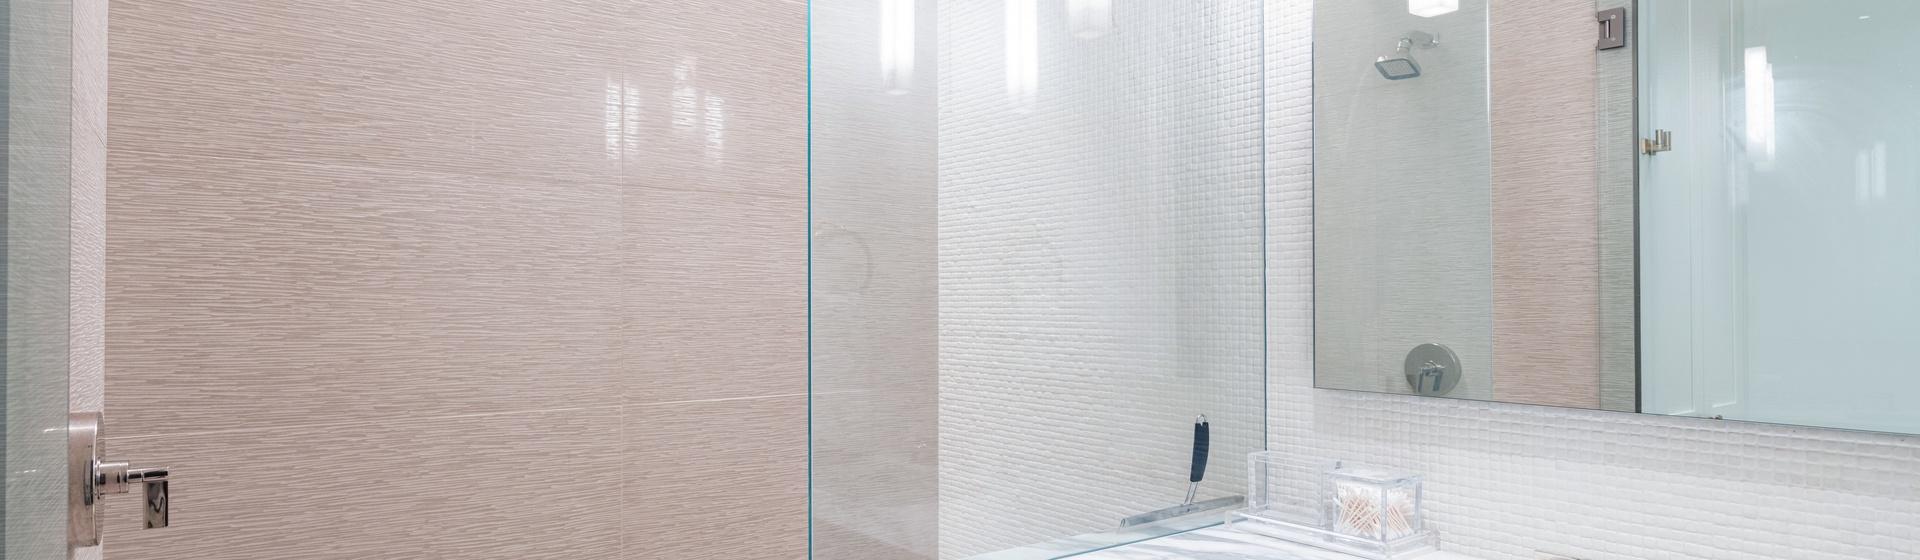 27-Telluride-Vacation-Rental-Cloud-Nine-Guest-Bathroom-2